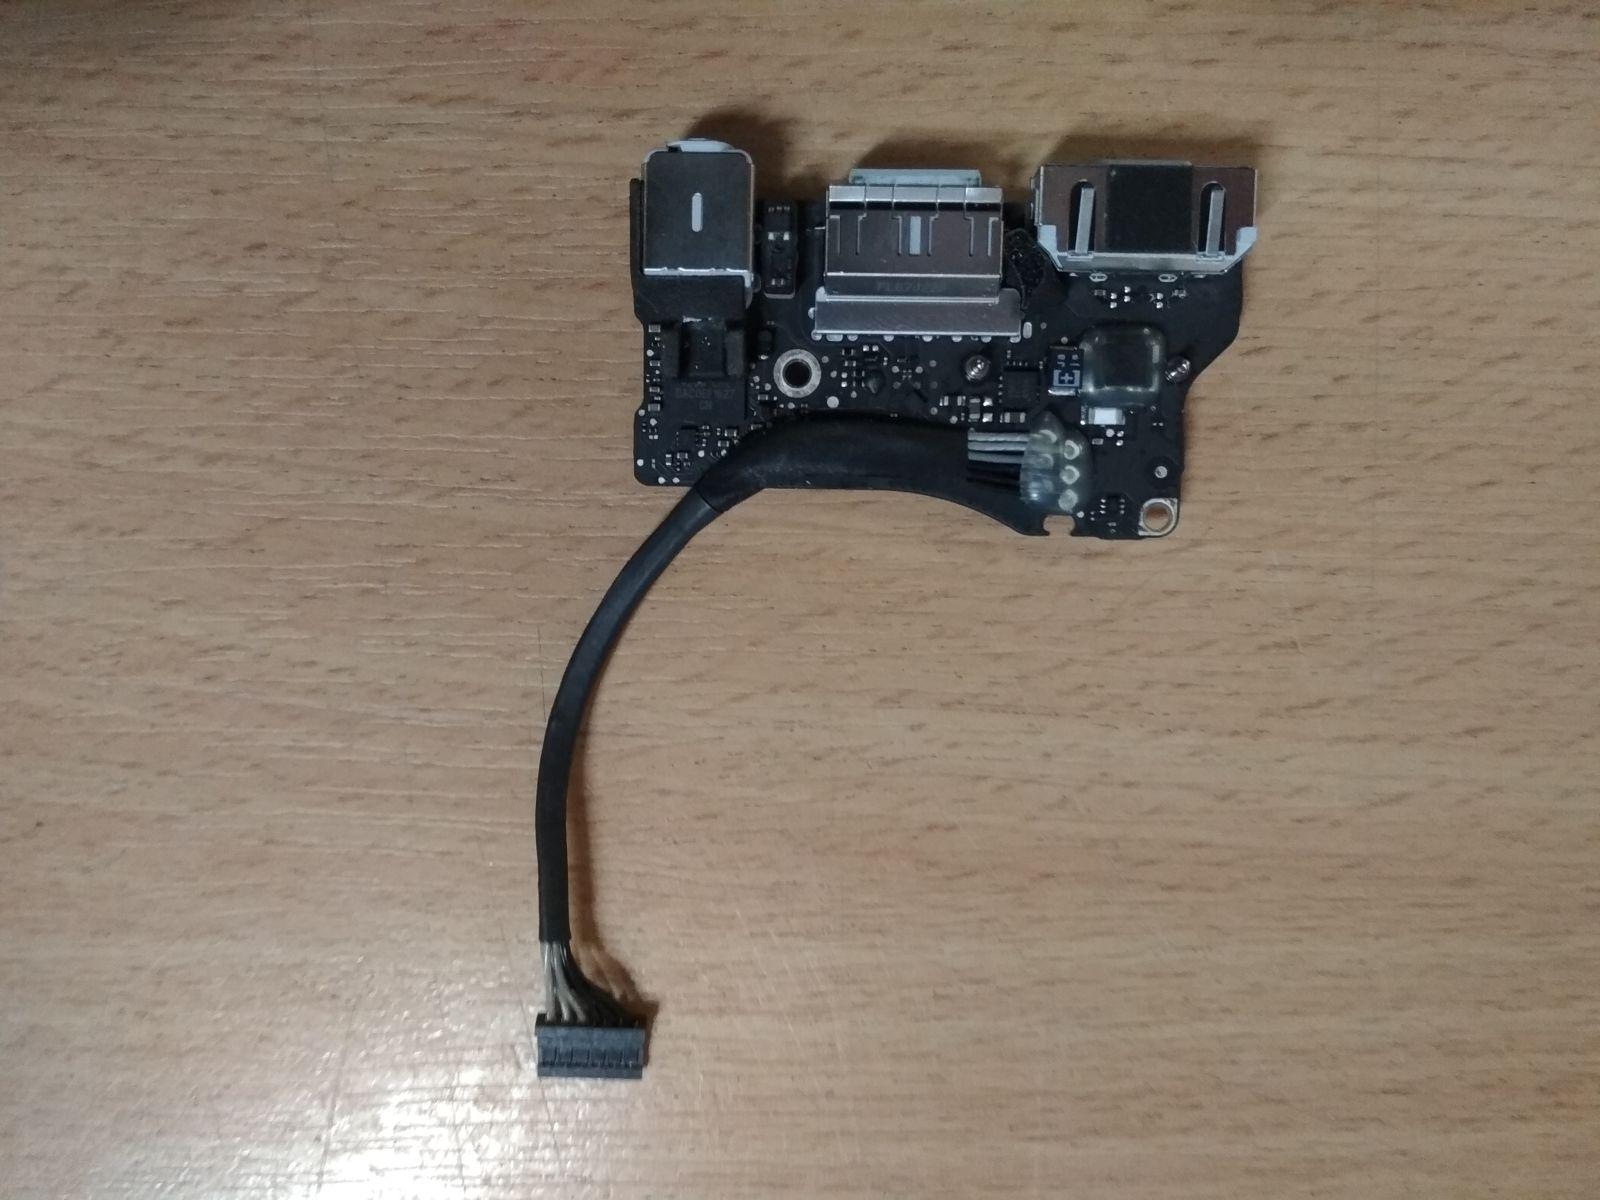 Apple Macbook air 13 A1466 2013 2014 2015 power DC jack board 820-3455-A használt 1 hónap garancia!